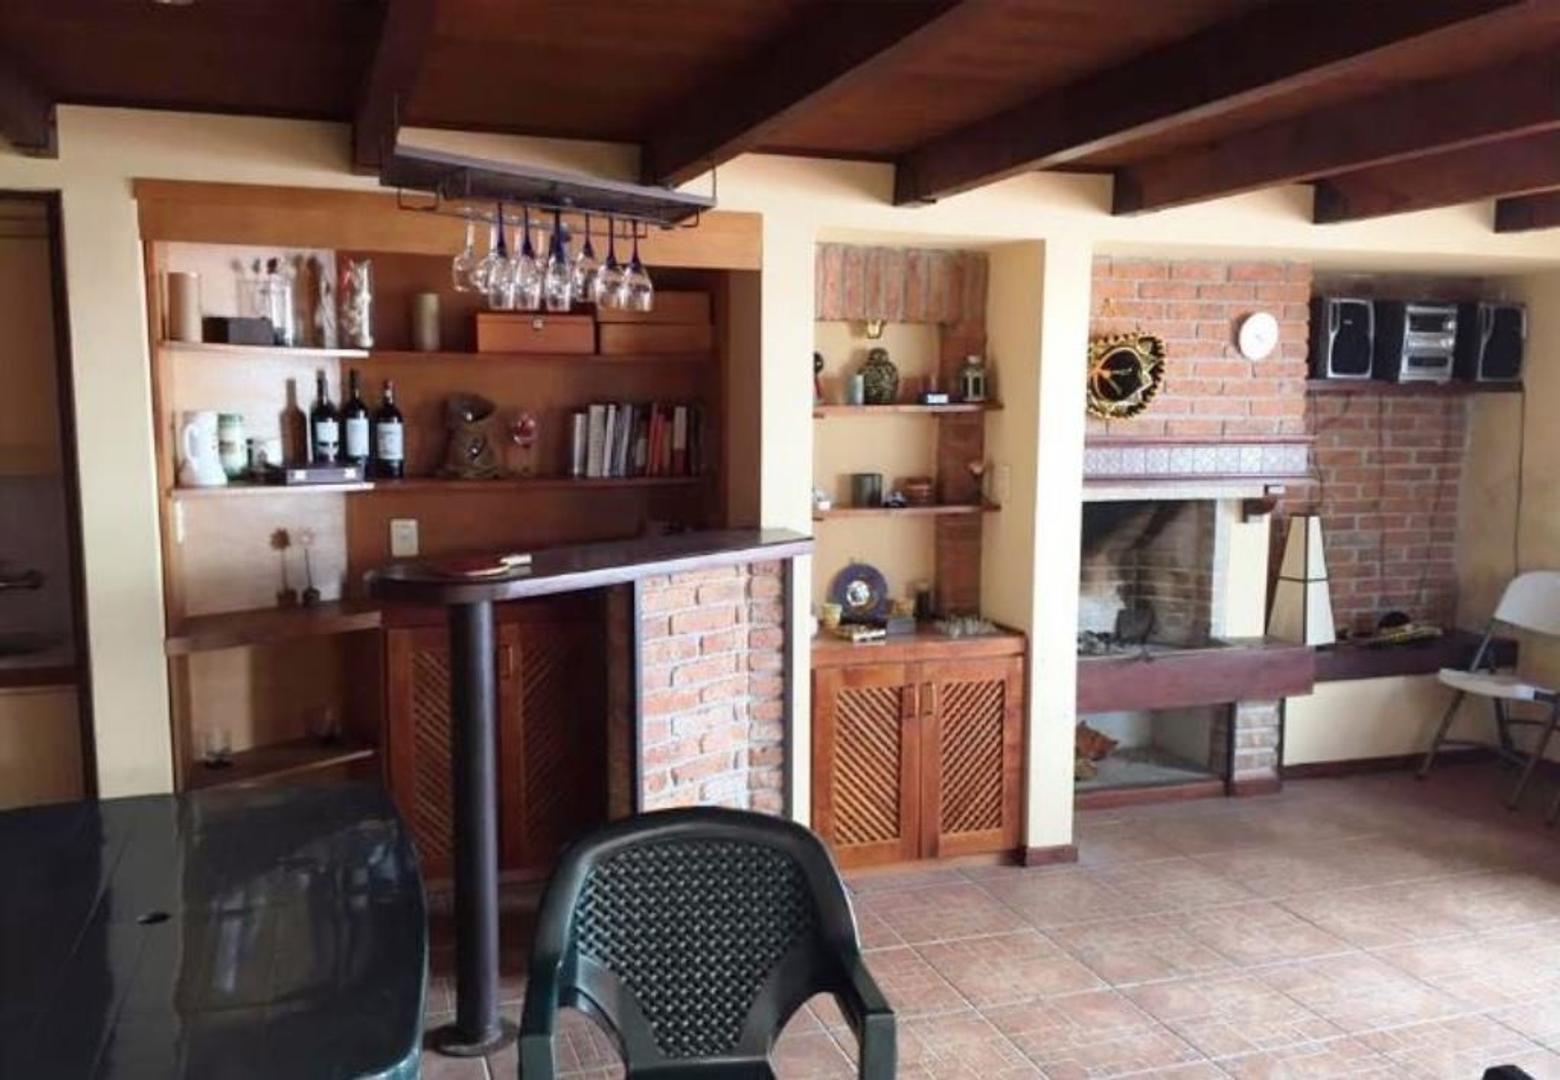 XINTEL(OTG-OTG-821) Departamento - Venta - Uruguay, Montevideo - AV BRASIL  1200